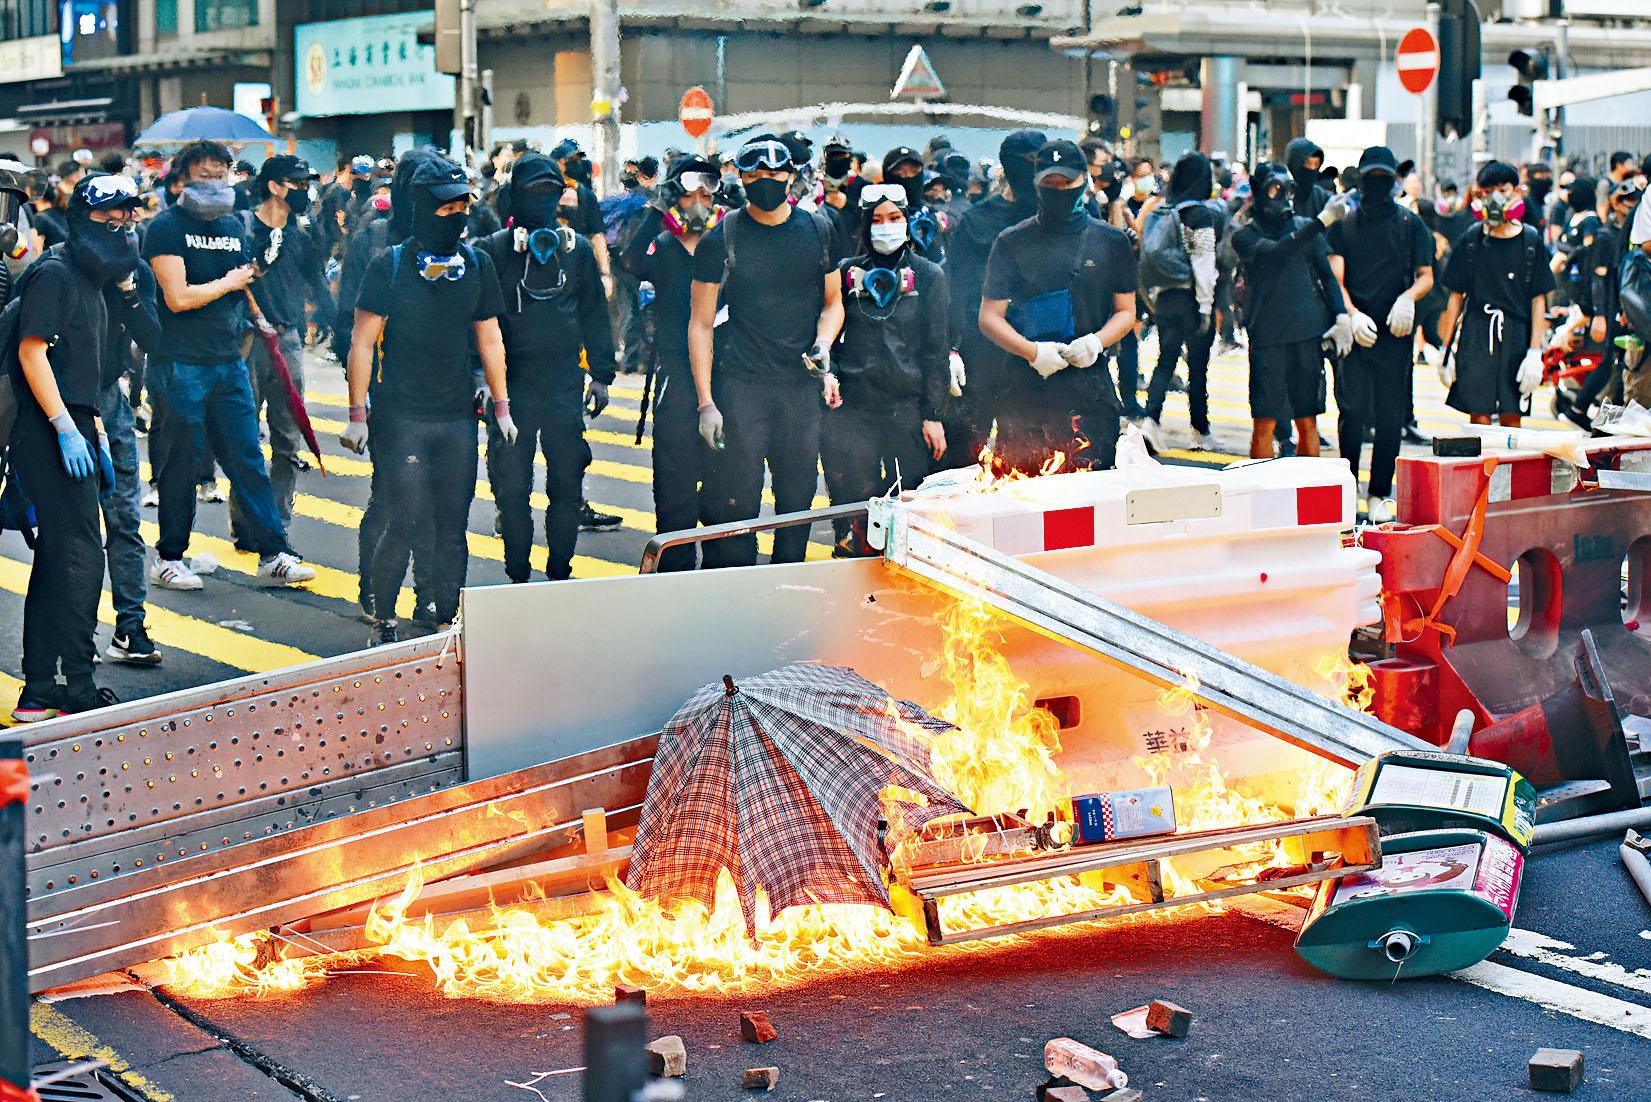 激進示威者四出破壞,並燒著雜物堵路。黃文威攝